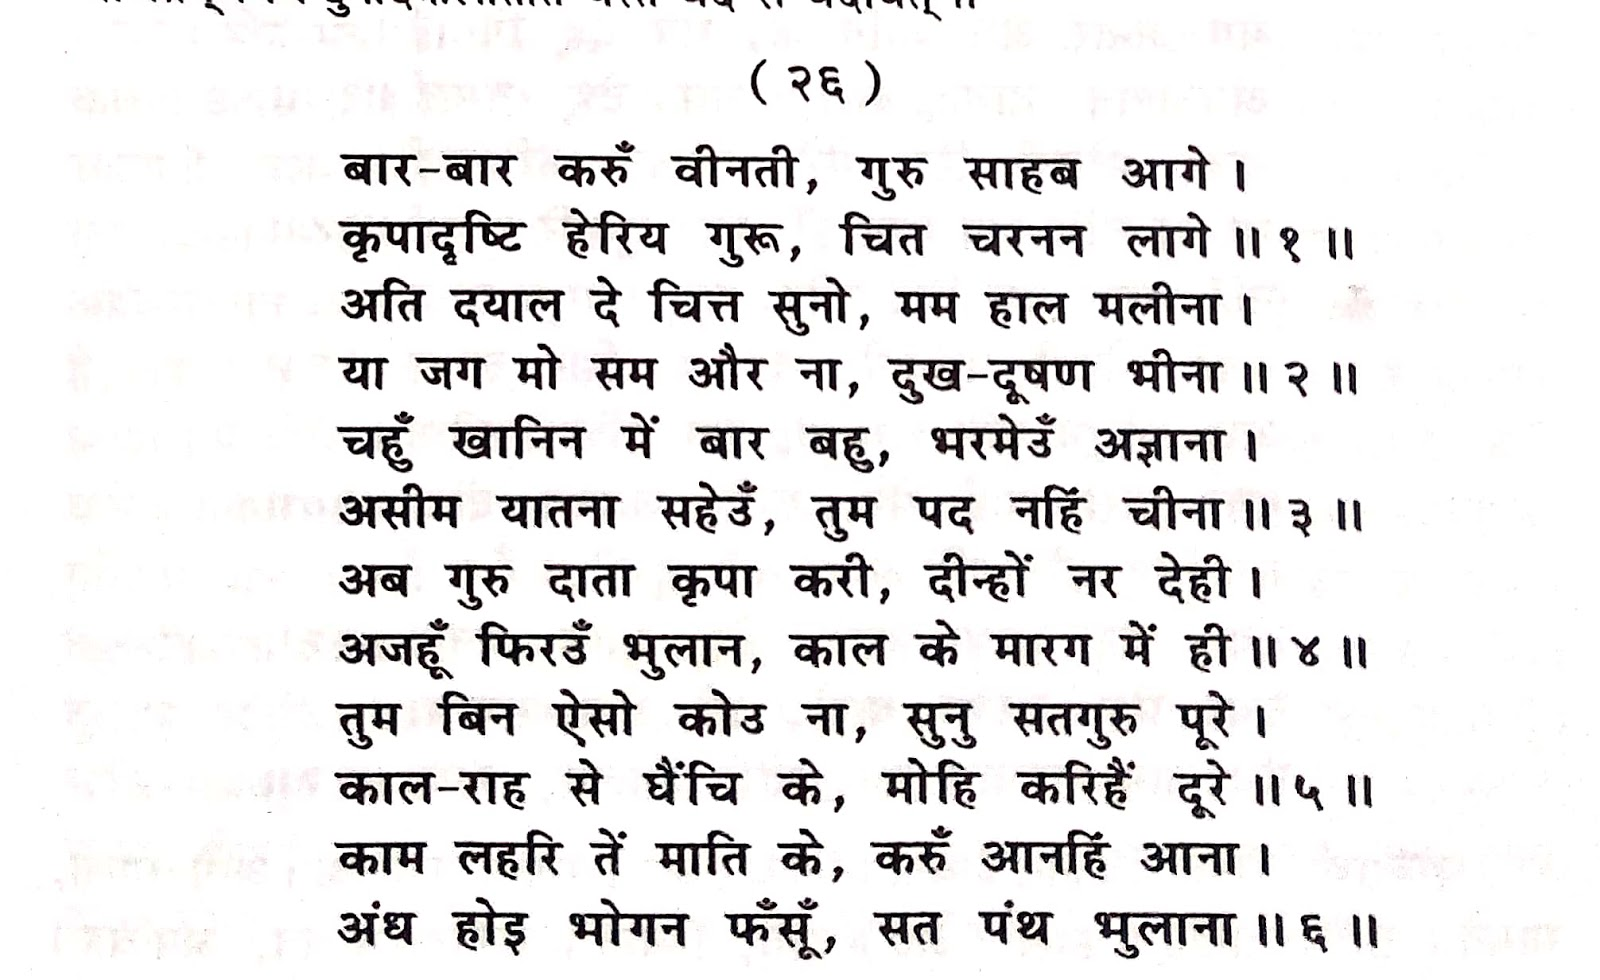 """P26, what is meditation  Prayer """"बार-बार करुं वीनती,..."""" महर्षि मेंहीं पदावली अर्थ सहित/सत्संग ध्यान। पडावली भजन 26।"""